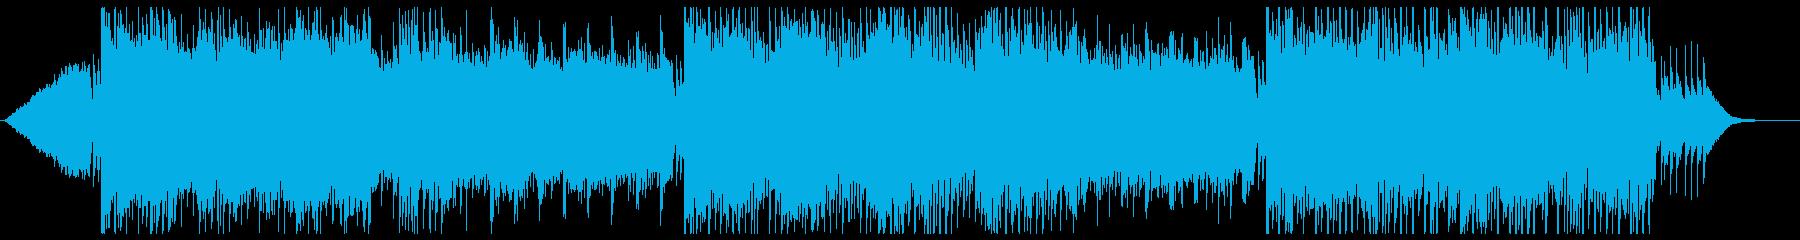 琴と三味線の綺麗な和風曲の再生済みの波形